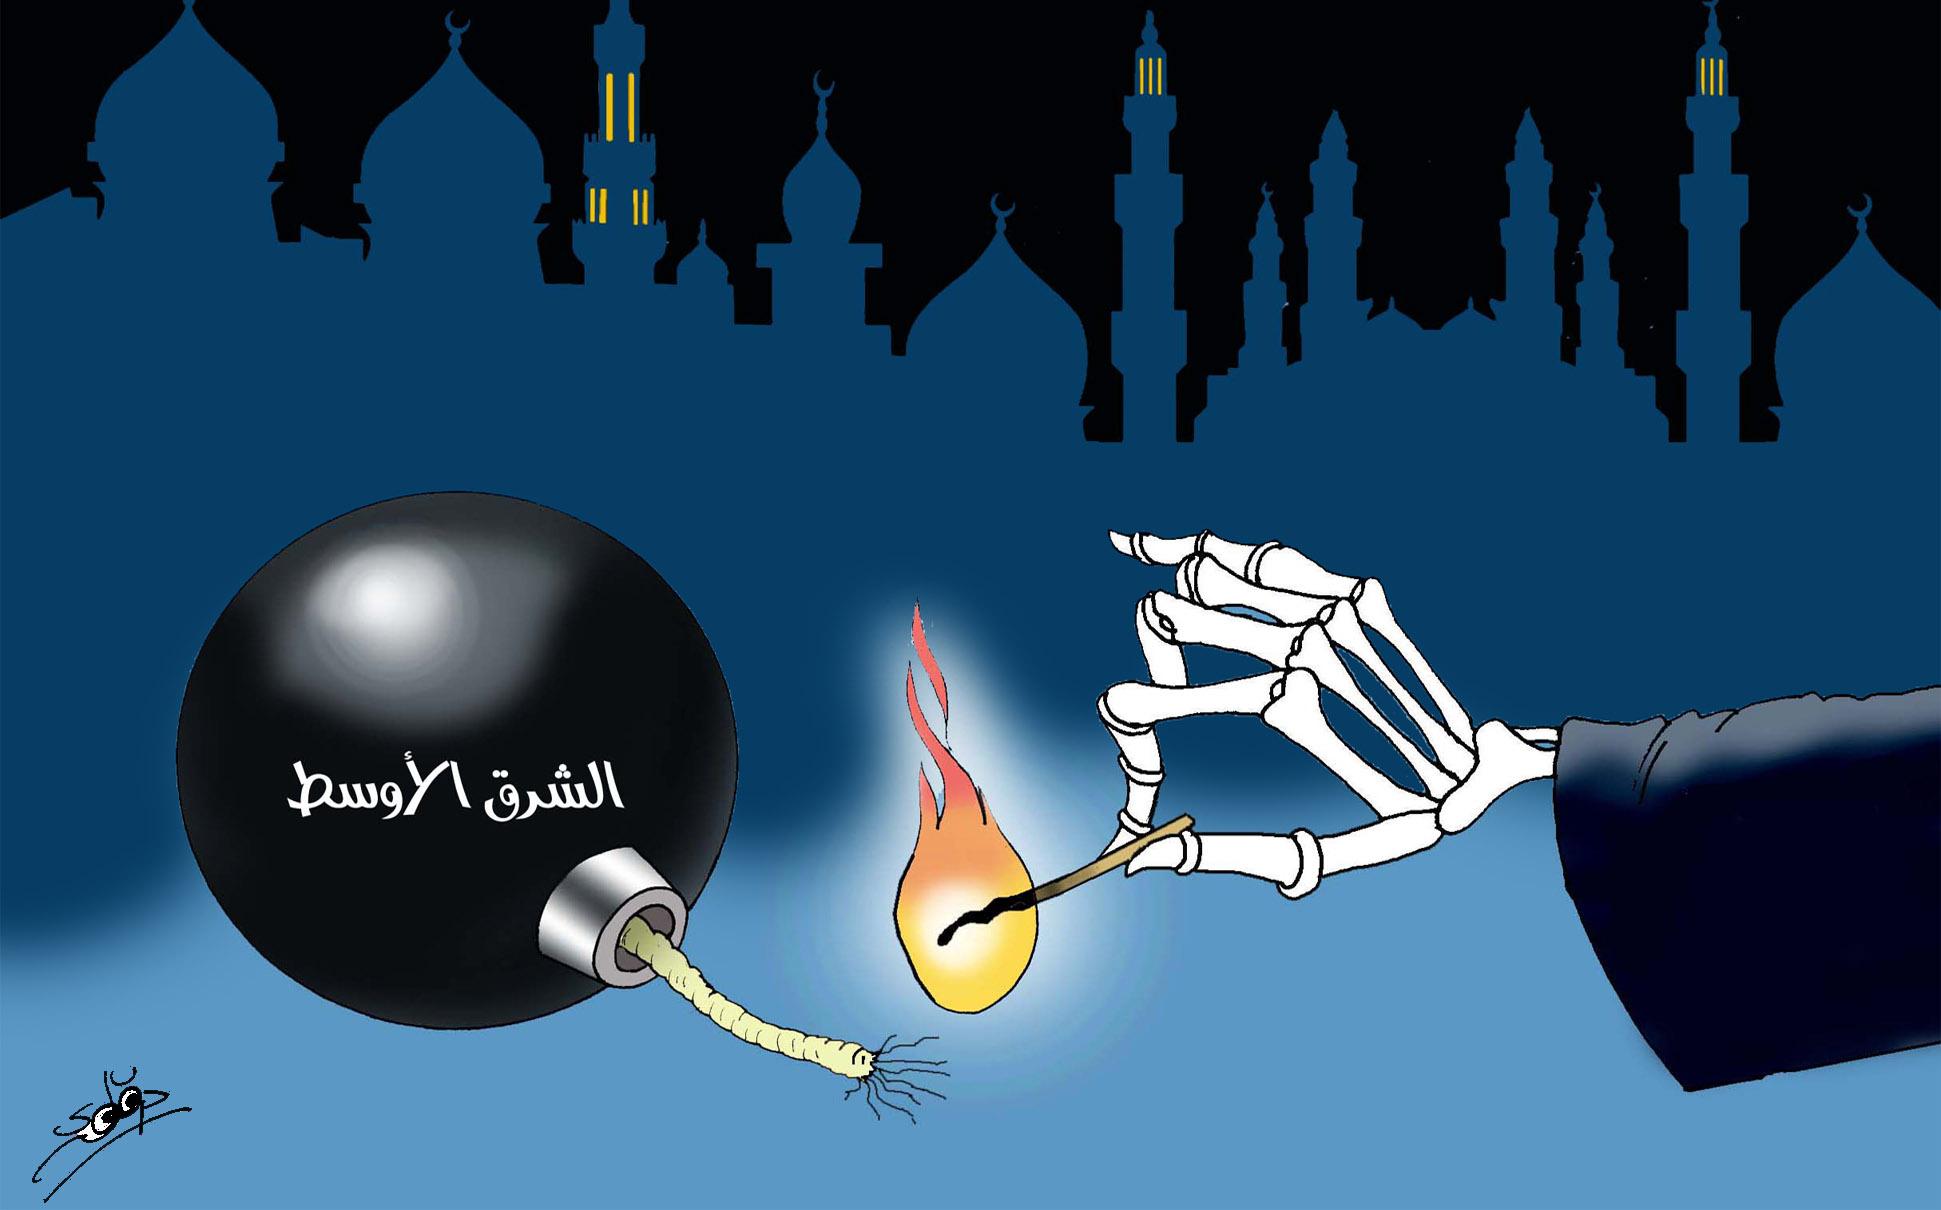 الشرق الأوسط وشبح الحرب